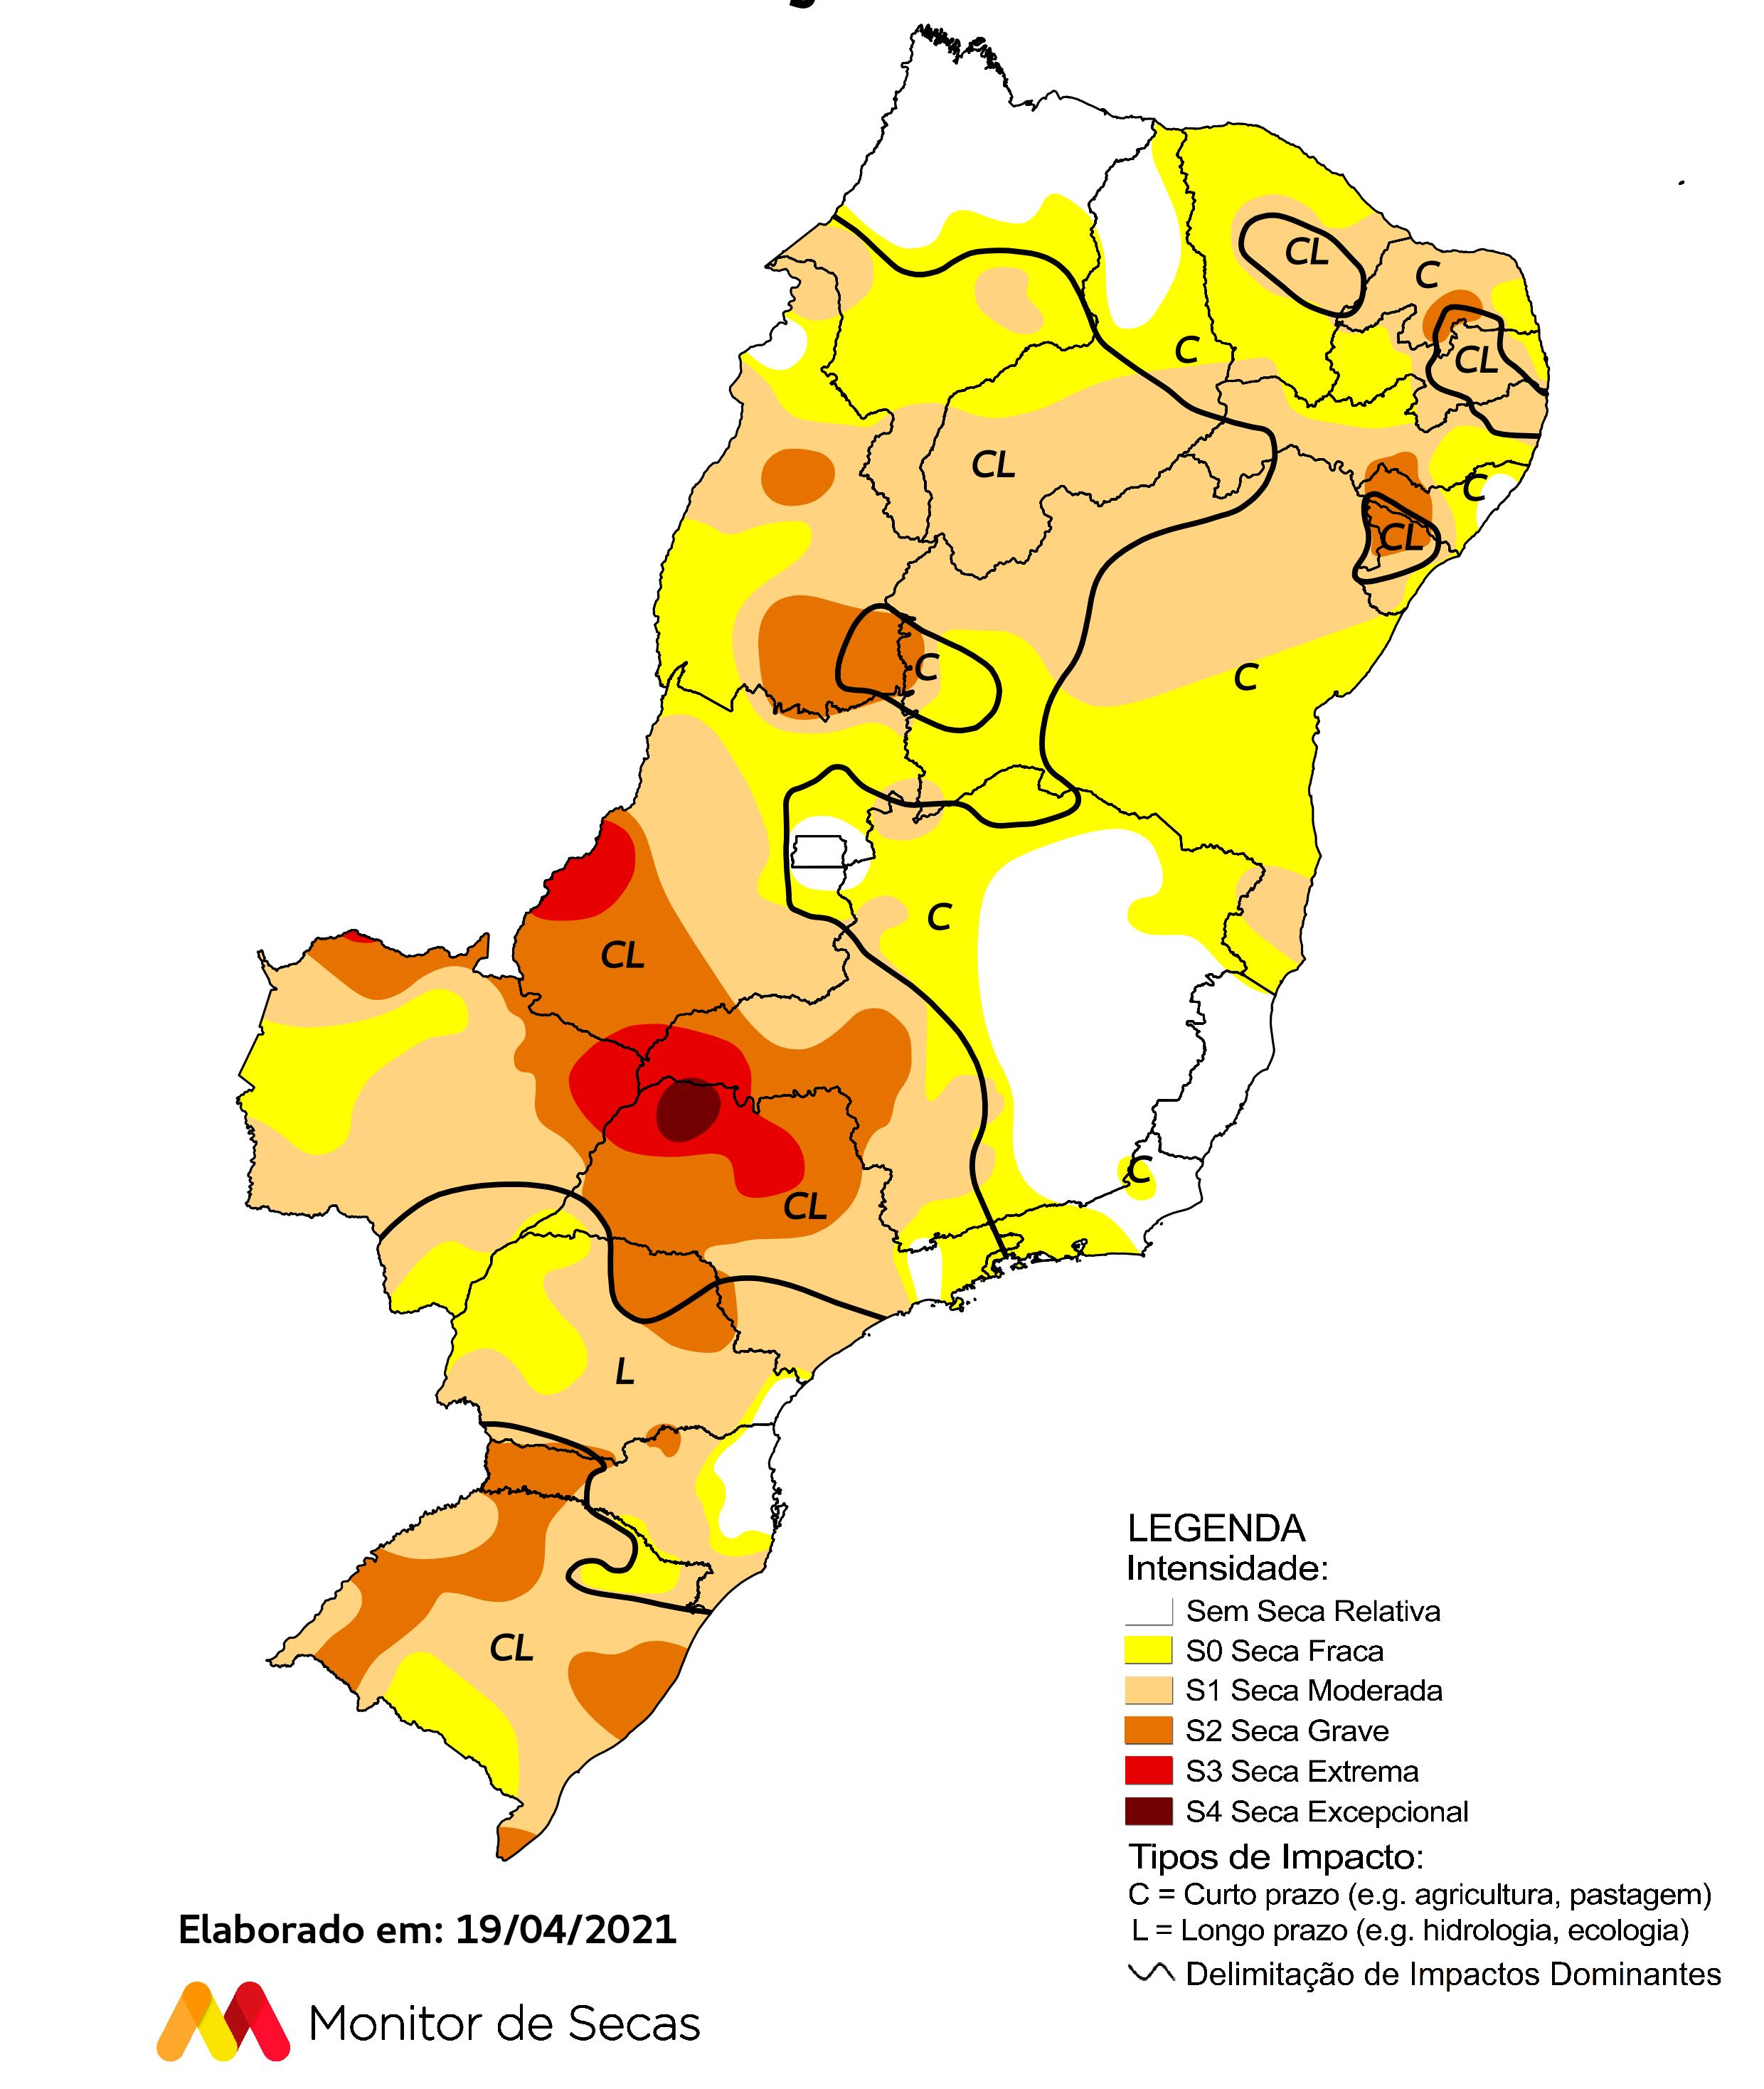 Em sete estados, 100% de seus territórios continuaram com seca no último mês em comparação a fevereiro: Ceará, Mato Grosso do Sul, Paraíba, Pernambuco, Rio Grande do Norte, Rio Grande do Sul e Sergipe.